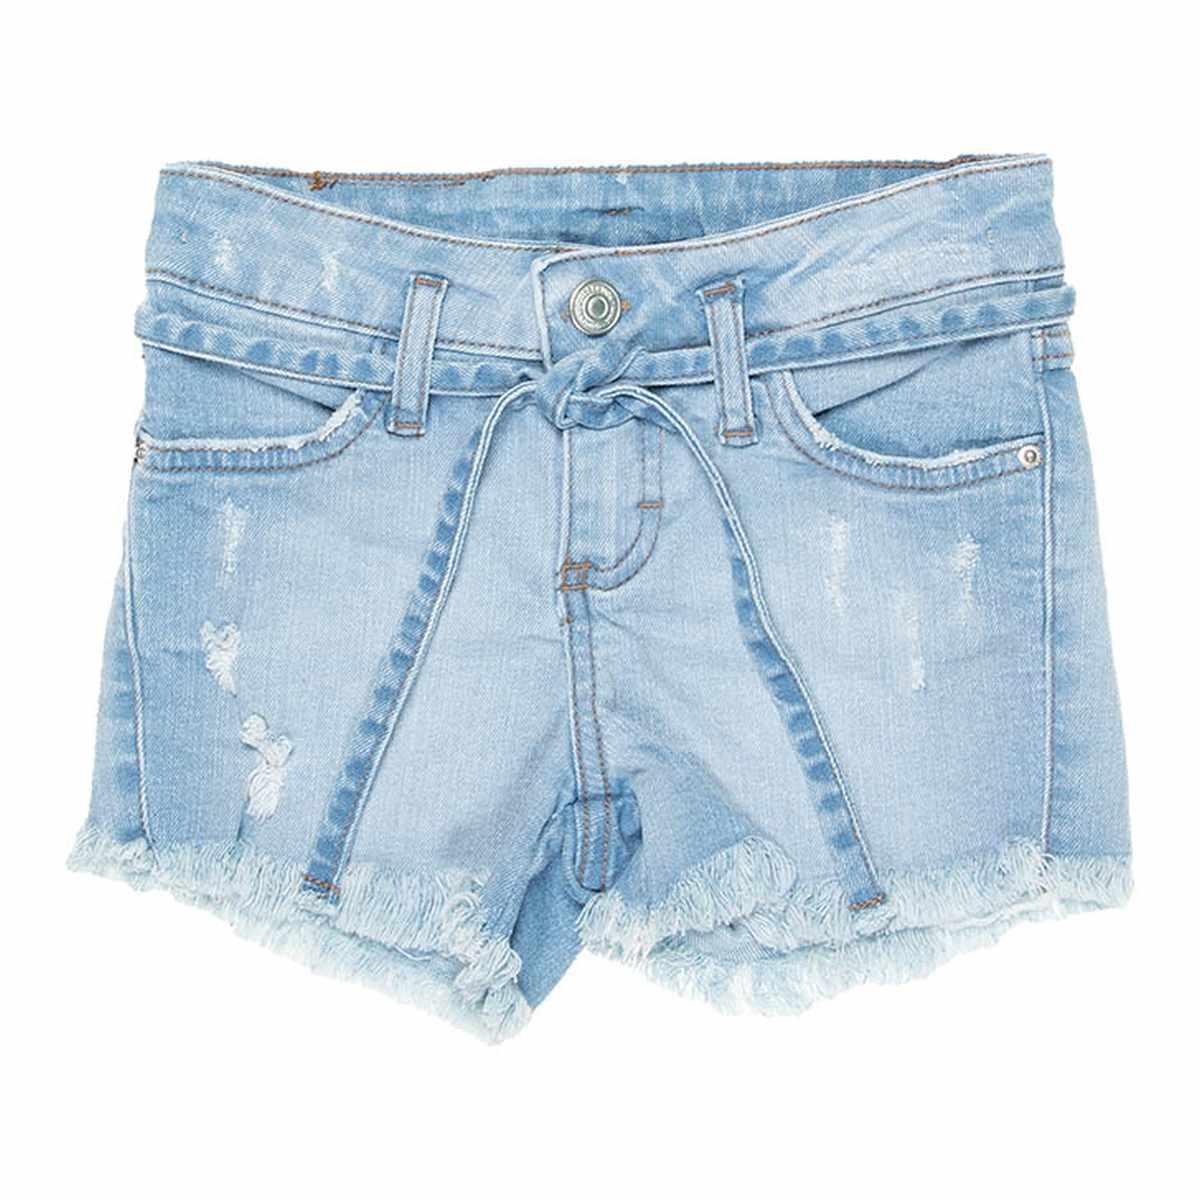 Shorts Jeans Menina - Mania Kids